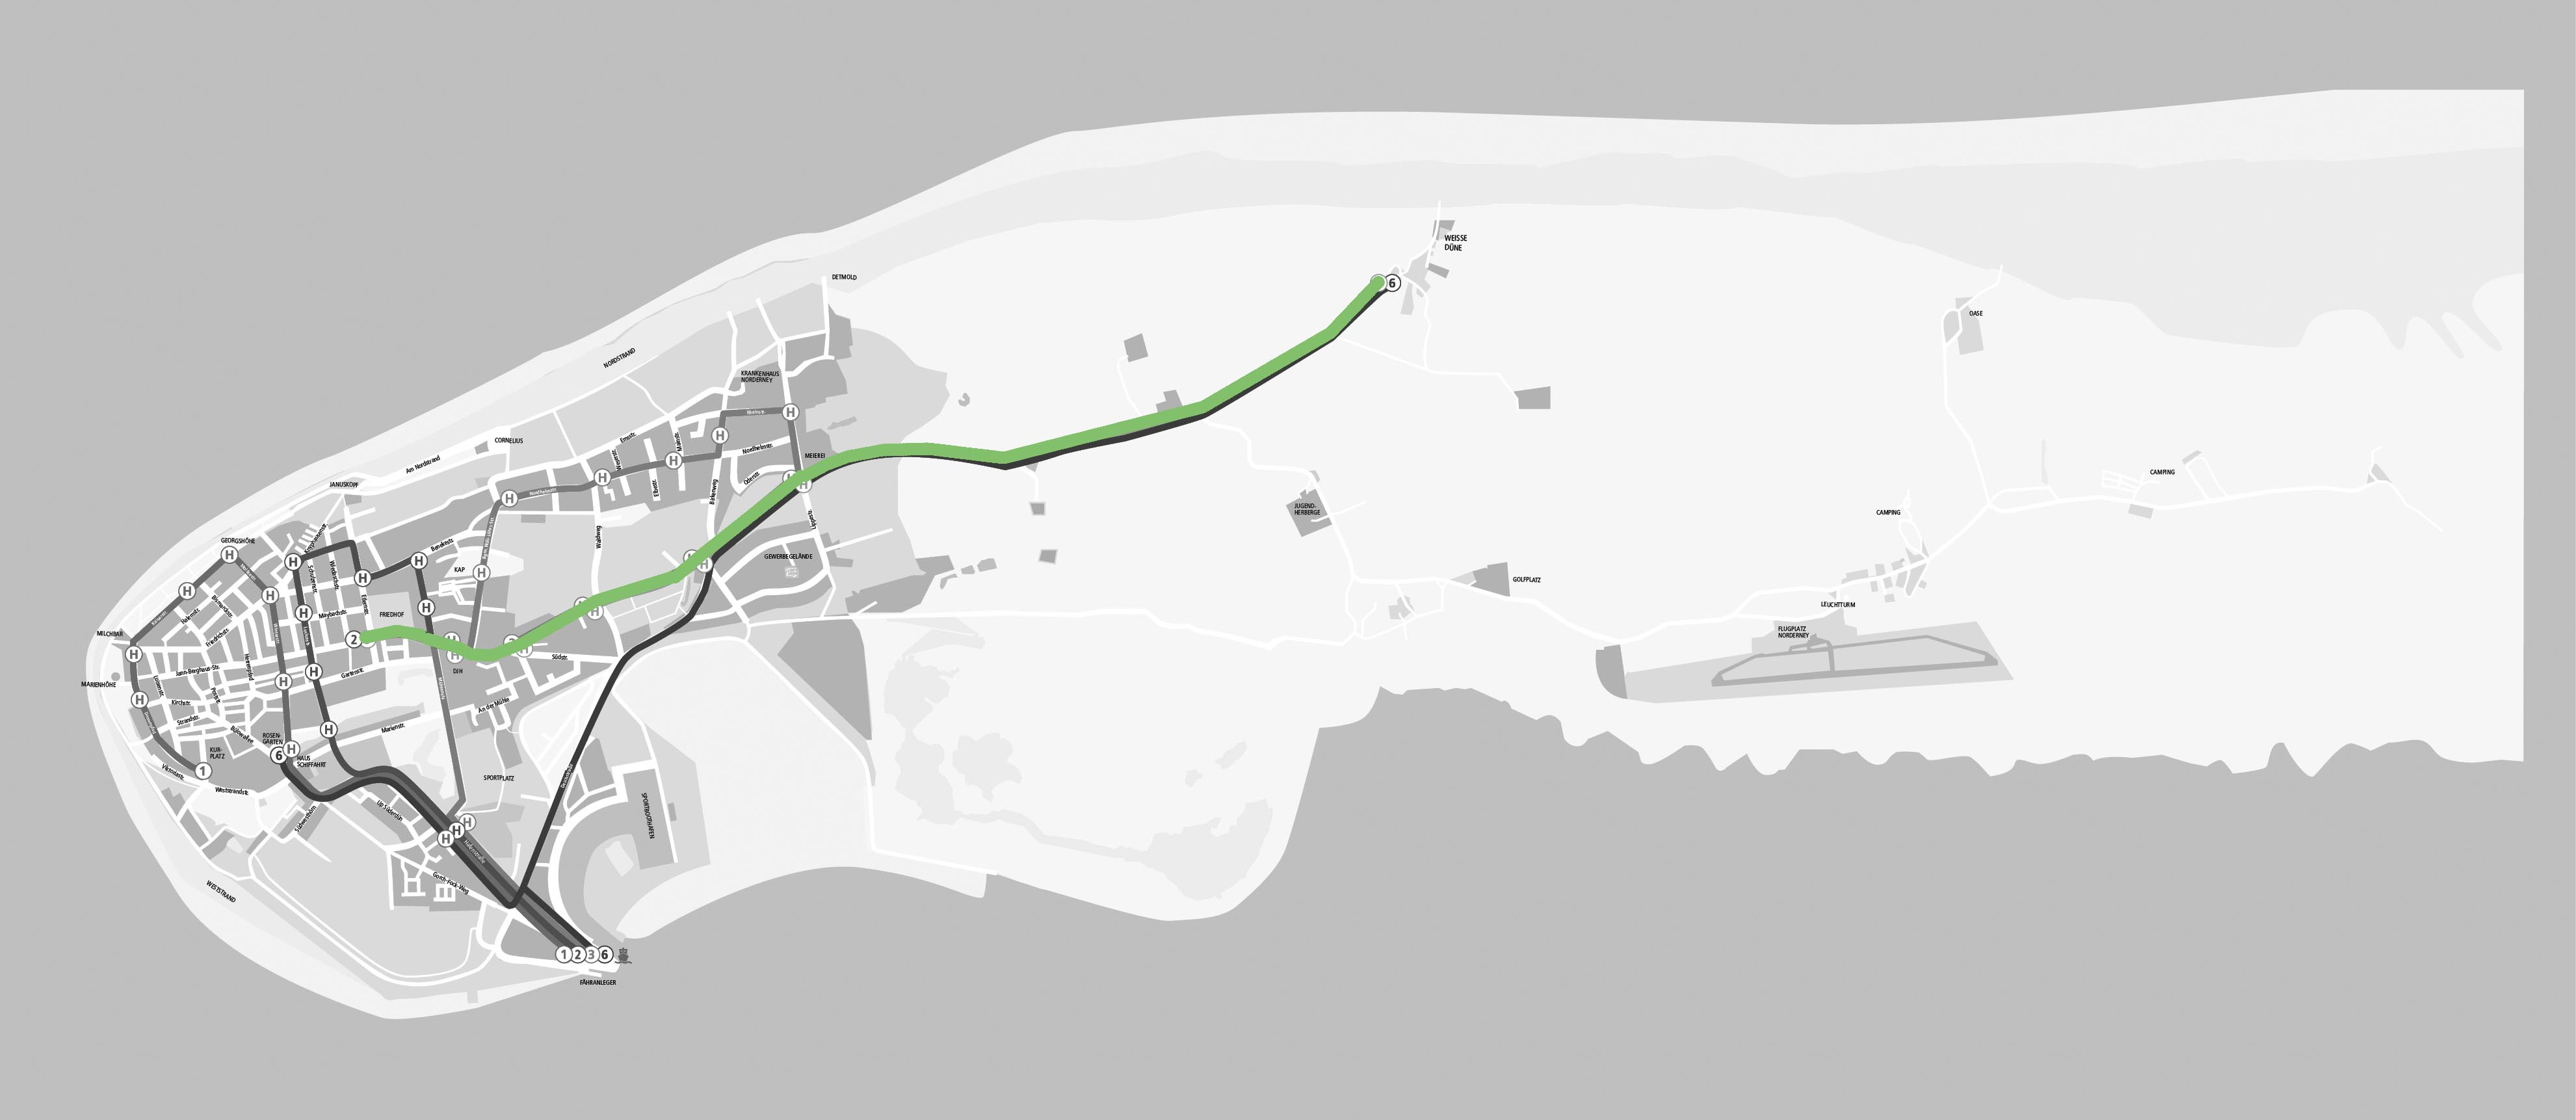 Norderney Karte Straßen.Reif Für Die Insel Buslinie 5 Norderney Linie 5